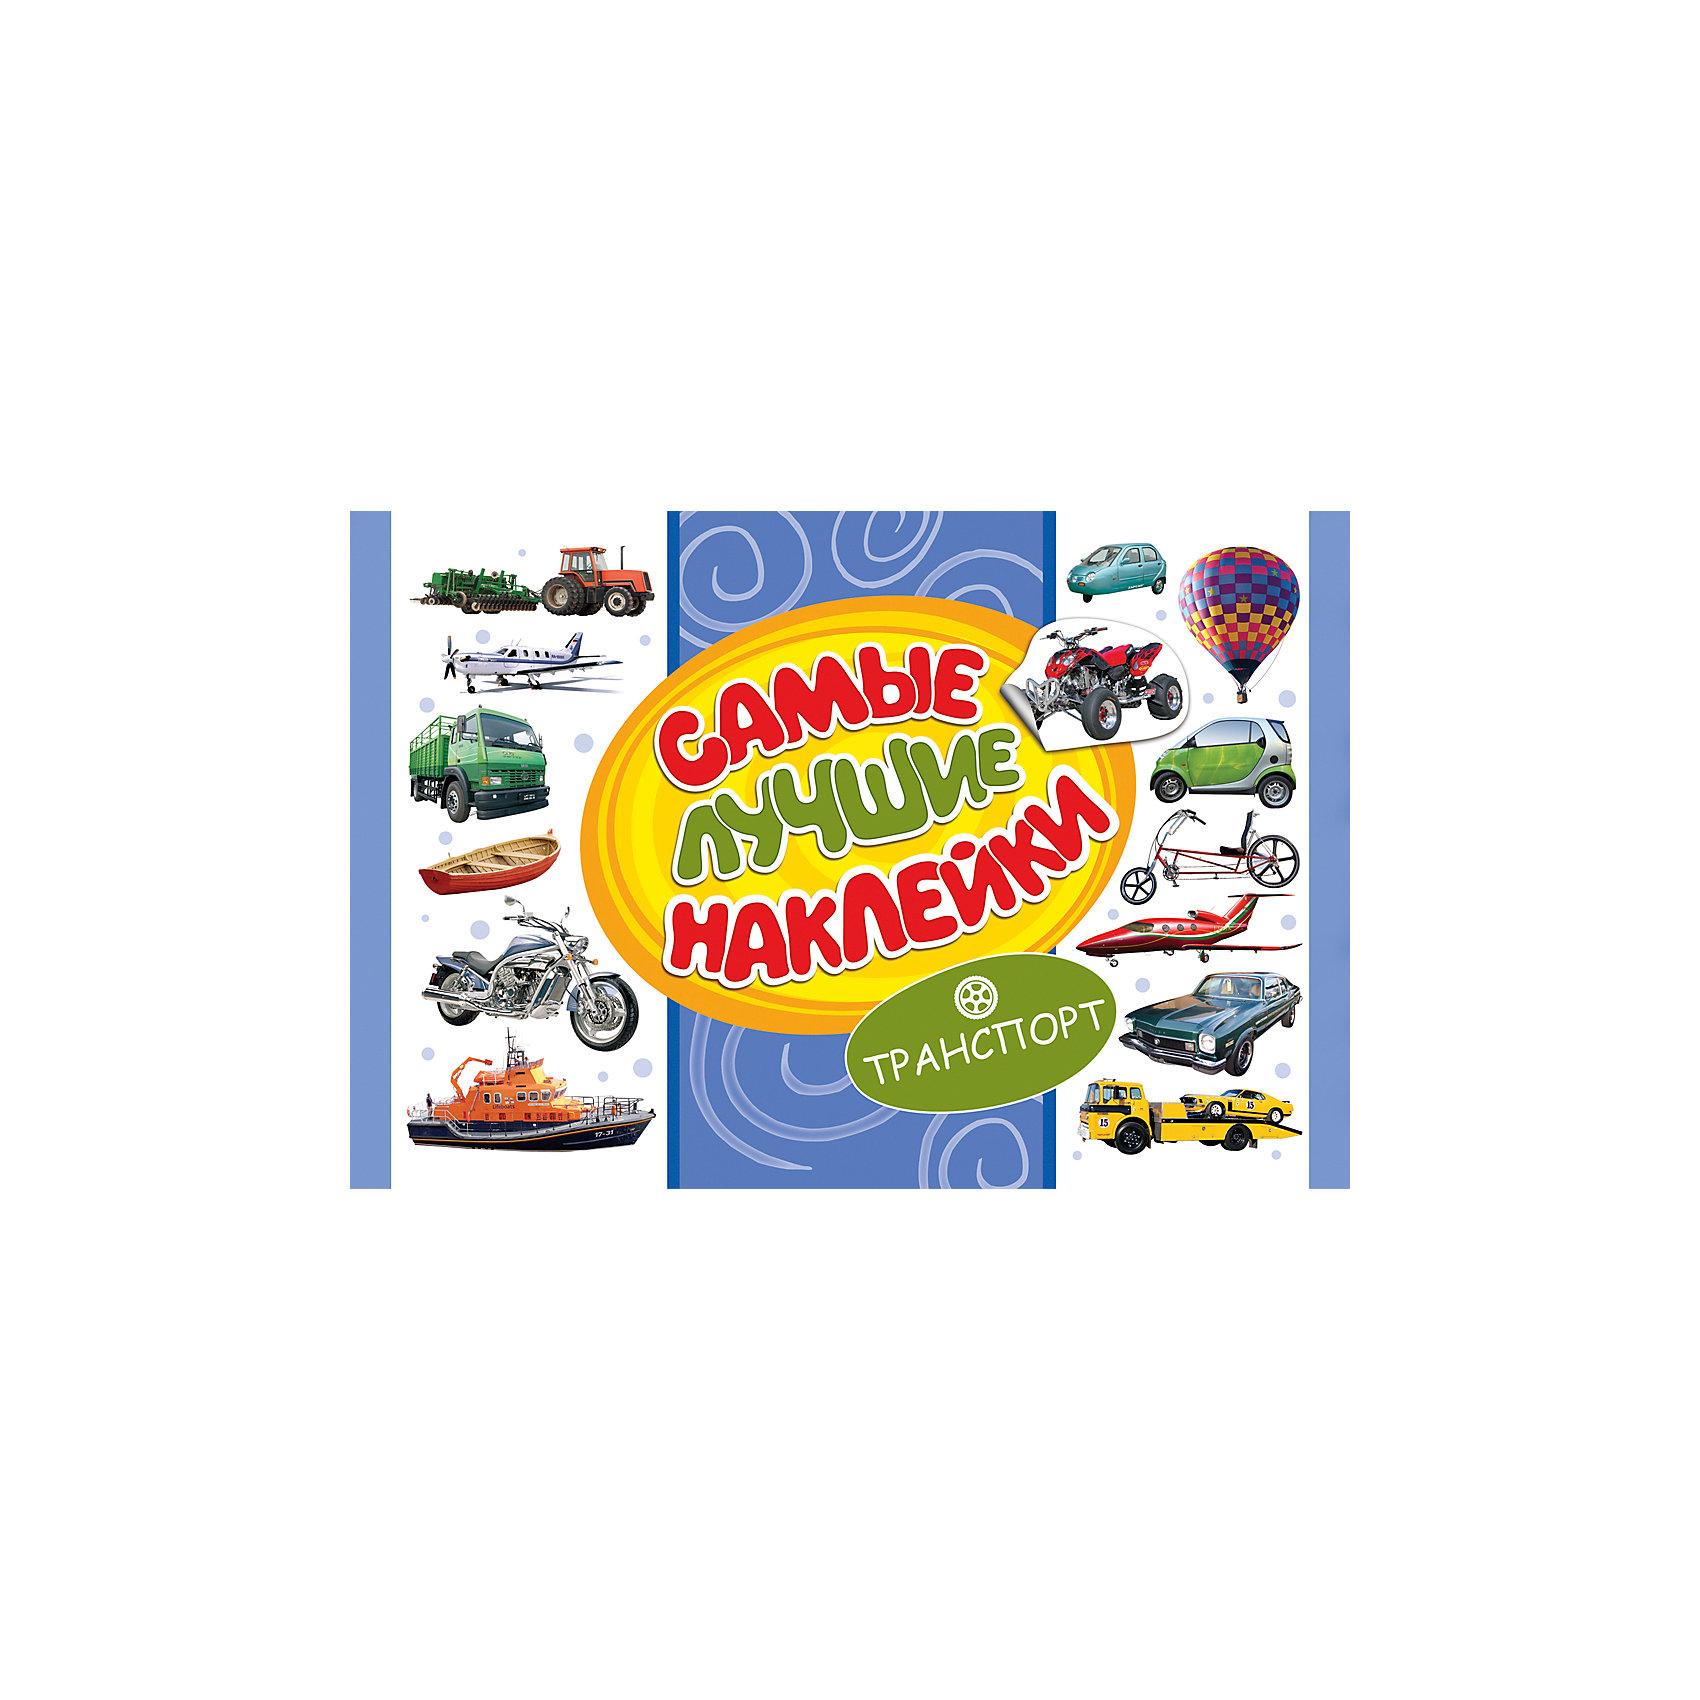 Самые лучшие наклейки, Транспорт (336 наклеек)Росмэн<br>Альбом Самые лучшие наклейки, Транспорт непременно порадует всех юных любителей техники. В альбоме содержится большое количество тематических наклеек с красочными изображениями различных видов транспорта. Они прекрасно подойдут для украшения рисунков,<br>открыток, различных предметов и игрушек.<br><br><br>Дополнительная информация:<br><br>- Серия: Стикерляндия.<br>- Обложка: мягкая.<br>- Иллюстрации: цветные.<br>- Объем: 16 стр.<br>- Размер: 30 х 0,2 х 20 см.<br>- Вес: 101 гр.<br><br>Самые лучшие наклейки, Транспорт, Росмэн, можно купить в нашем интернет-магазине.<br><br>Ширина мм: 300<br>Глубина мм: 200<br>Высота мм: 2<br>Вес г: 101<br>Возраст от месяцев: 60<br>Возраст до месяцев: 144<br>Пол: Унисекс<br>Возраст: Детский<br>SKU: 4720619